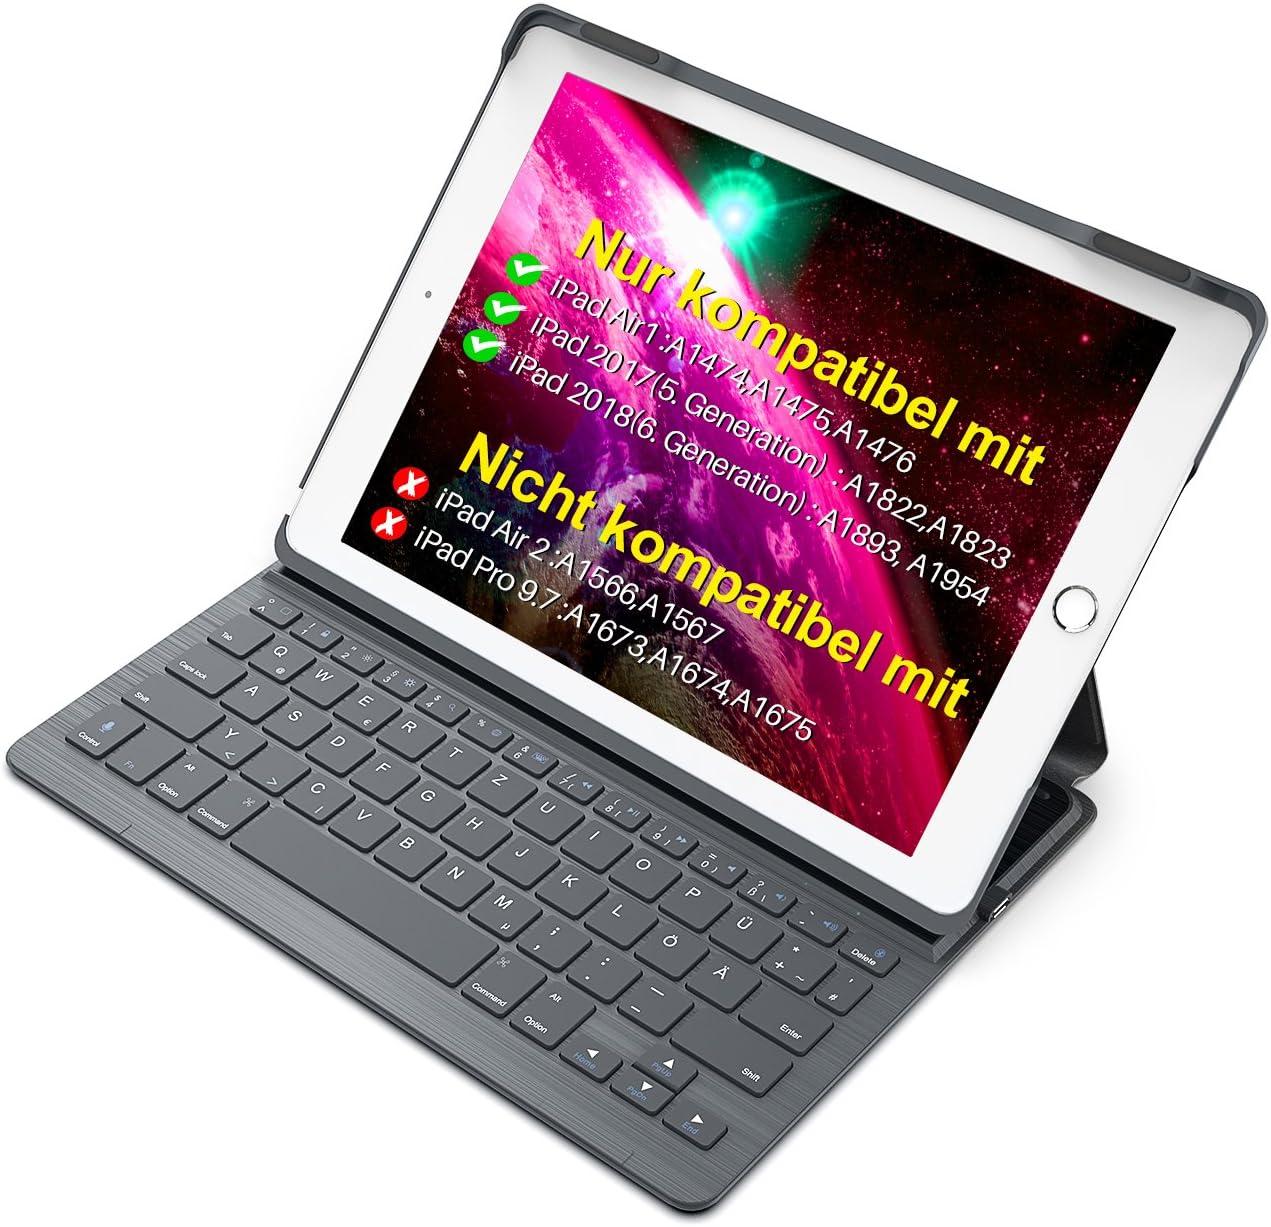 Inateck Funda con teclado y activación automática, función de reposo y soporte de ángulo múltiple (BK2003 DG) para el nuevo iPad y iPad Air1 9.7